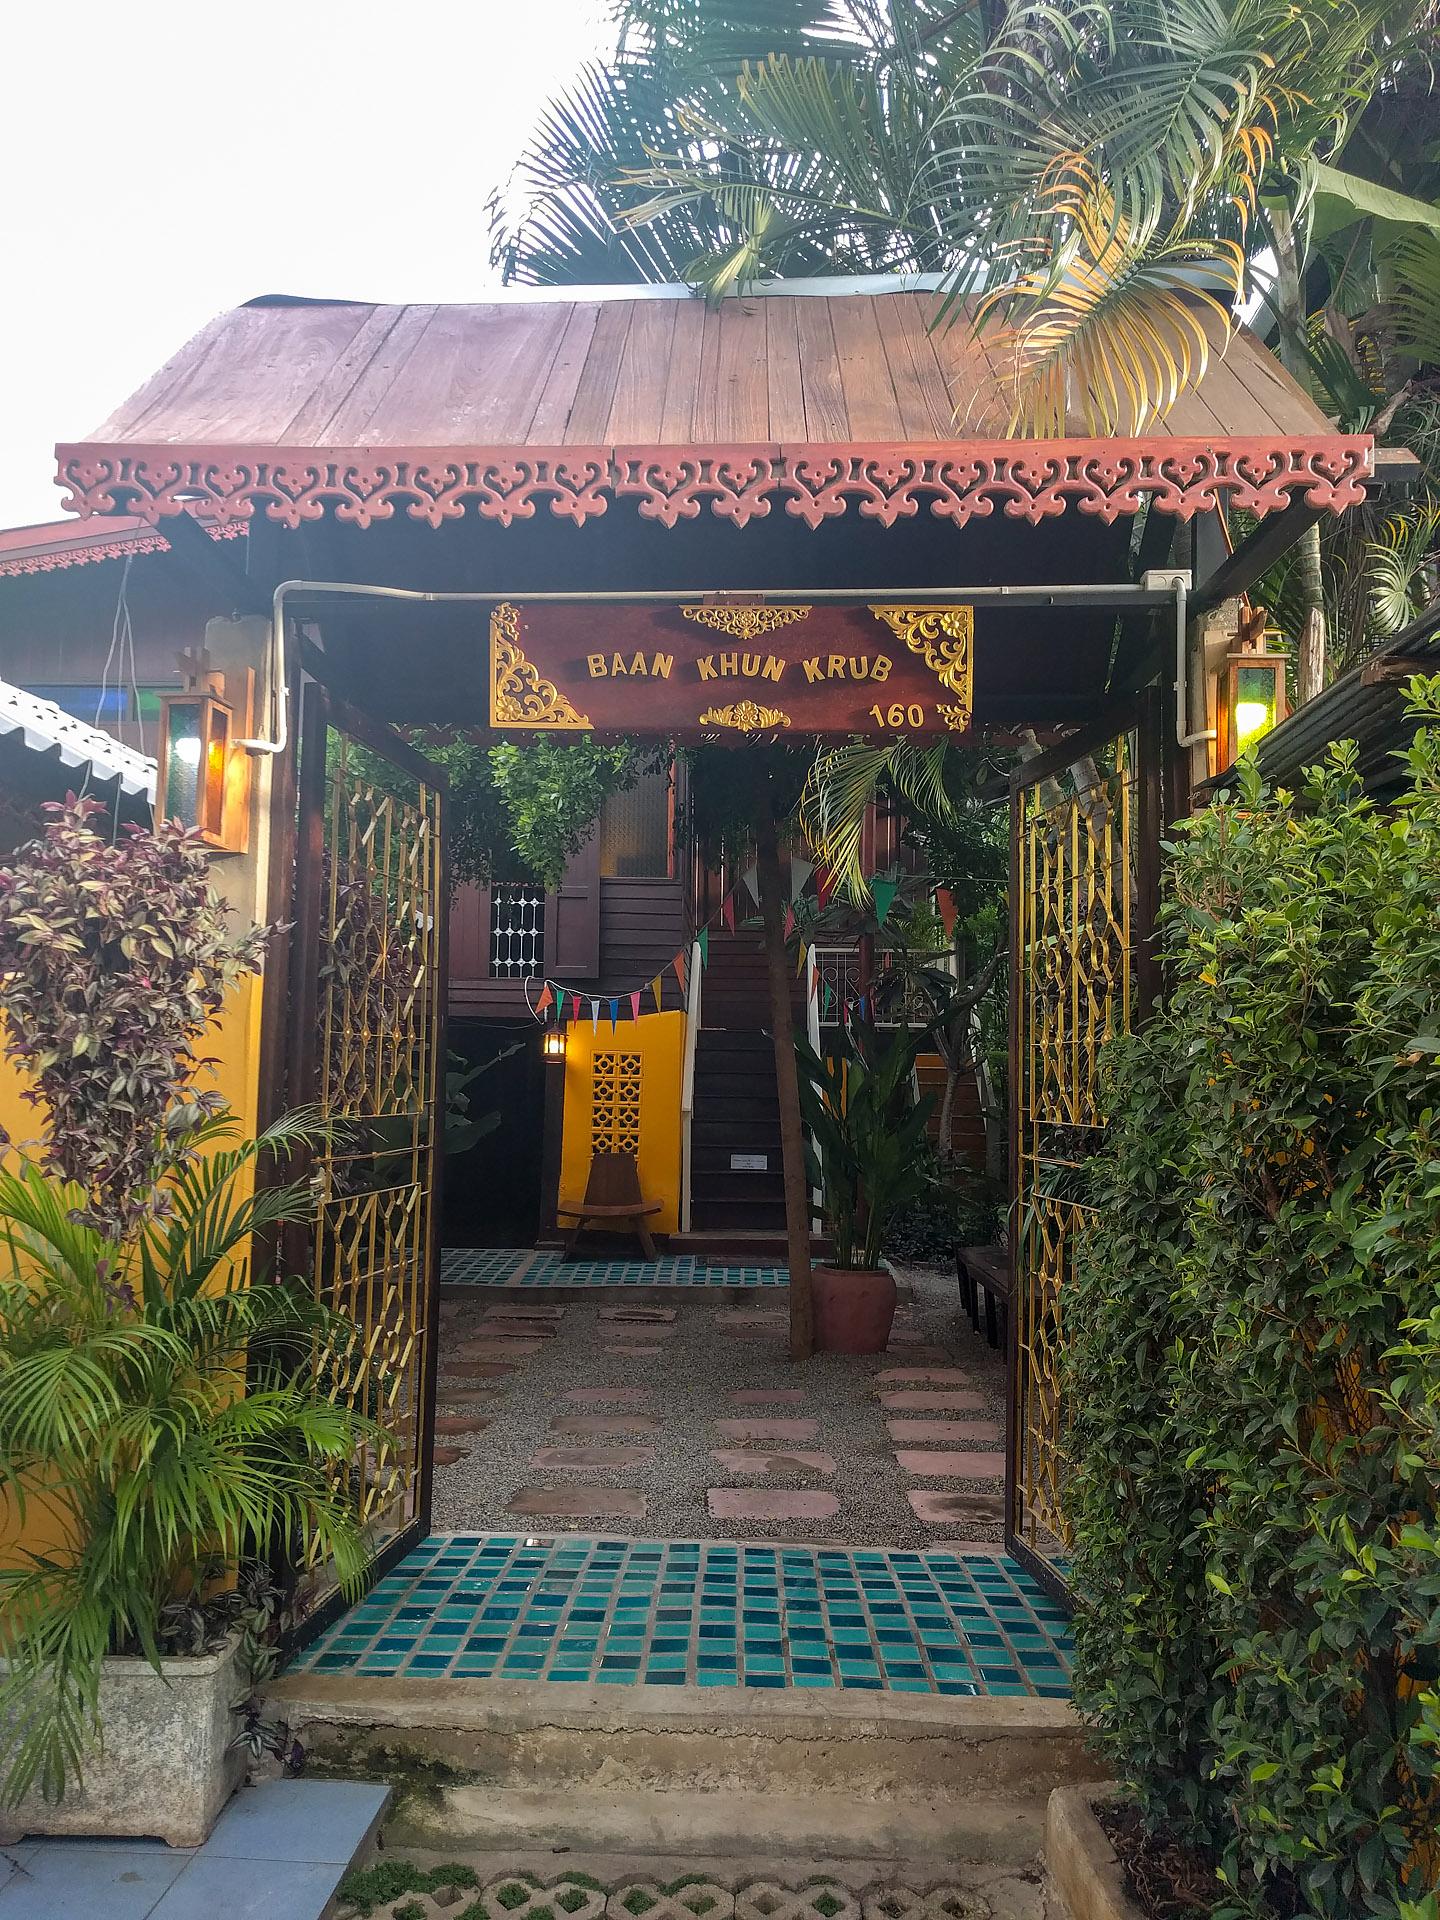 Baan Khun Krub Guesthouse